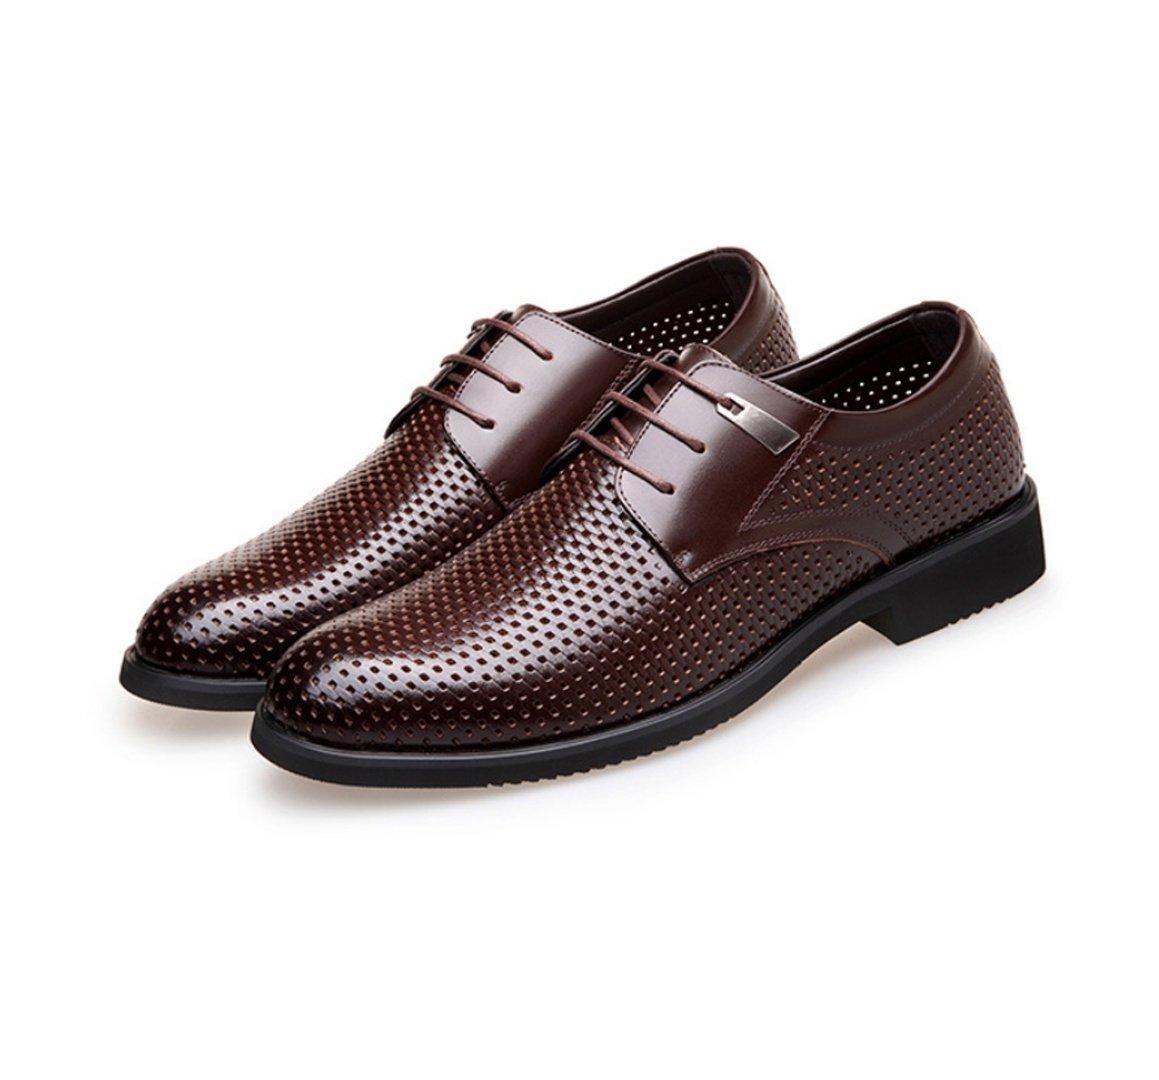 WSK Männer Schuhe Leder Hohl Schuhe Schuhe Schuhe Derby Gurt atmungsaktive Sandalen Herrenmode Spitze Business-Anzug Herrenschuhe 5273b6